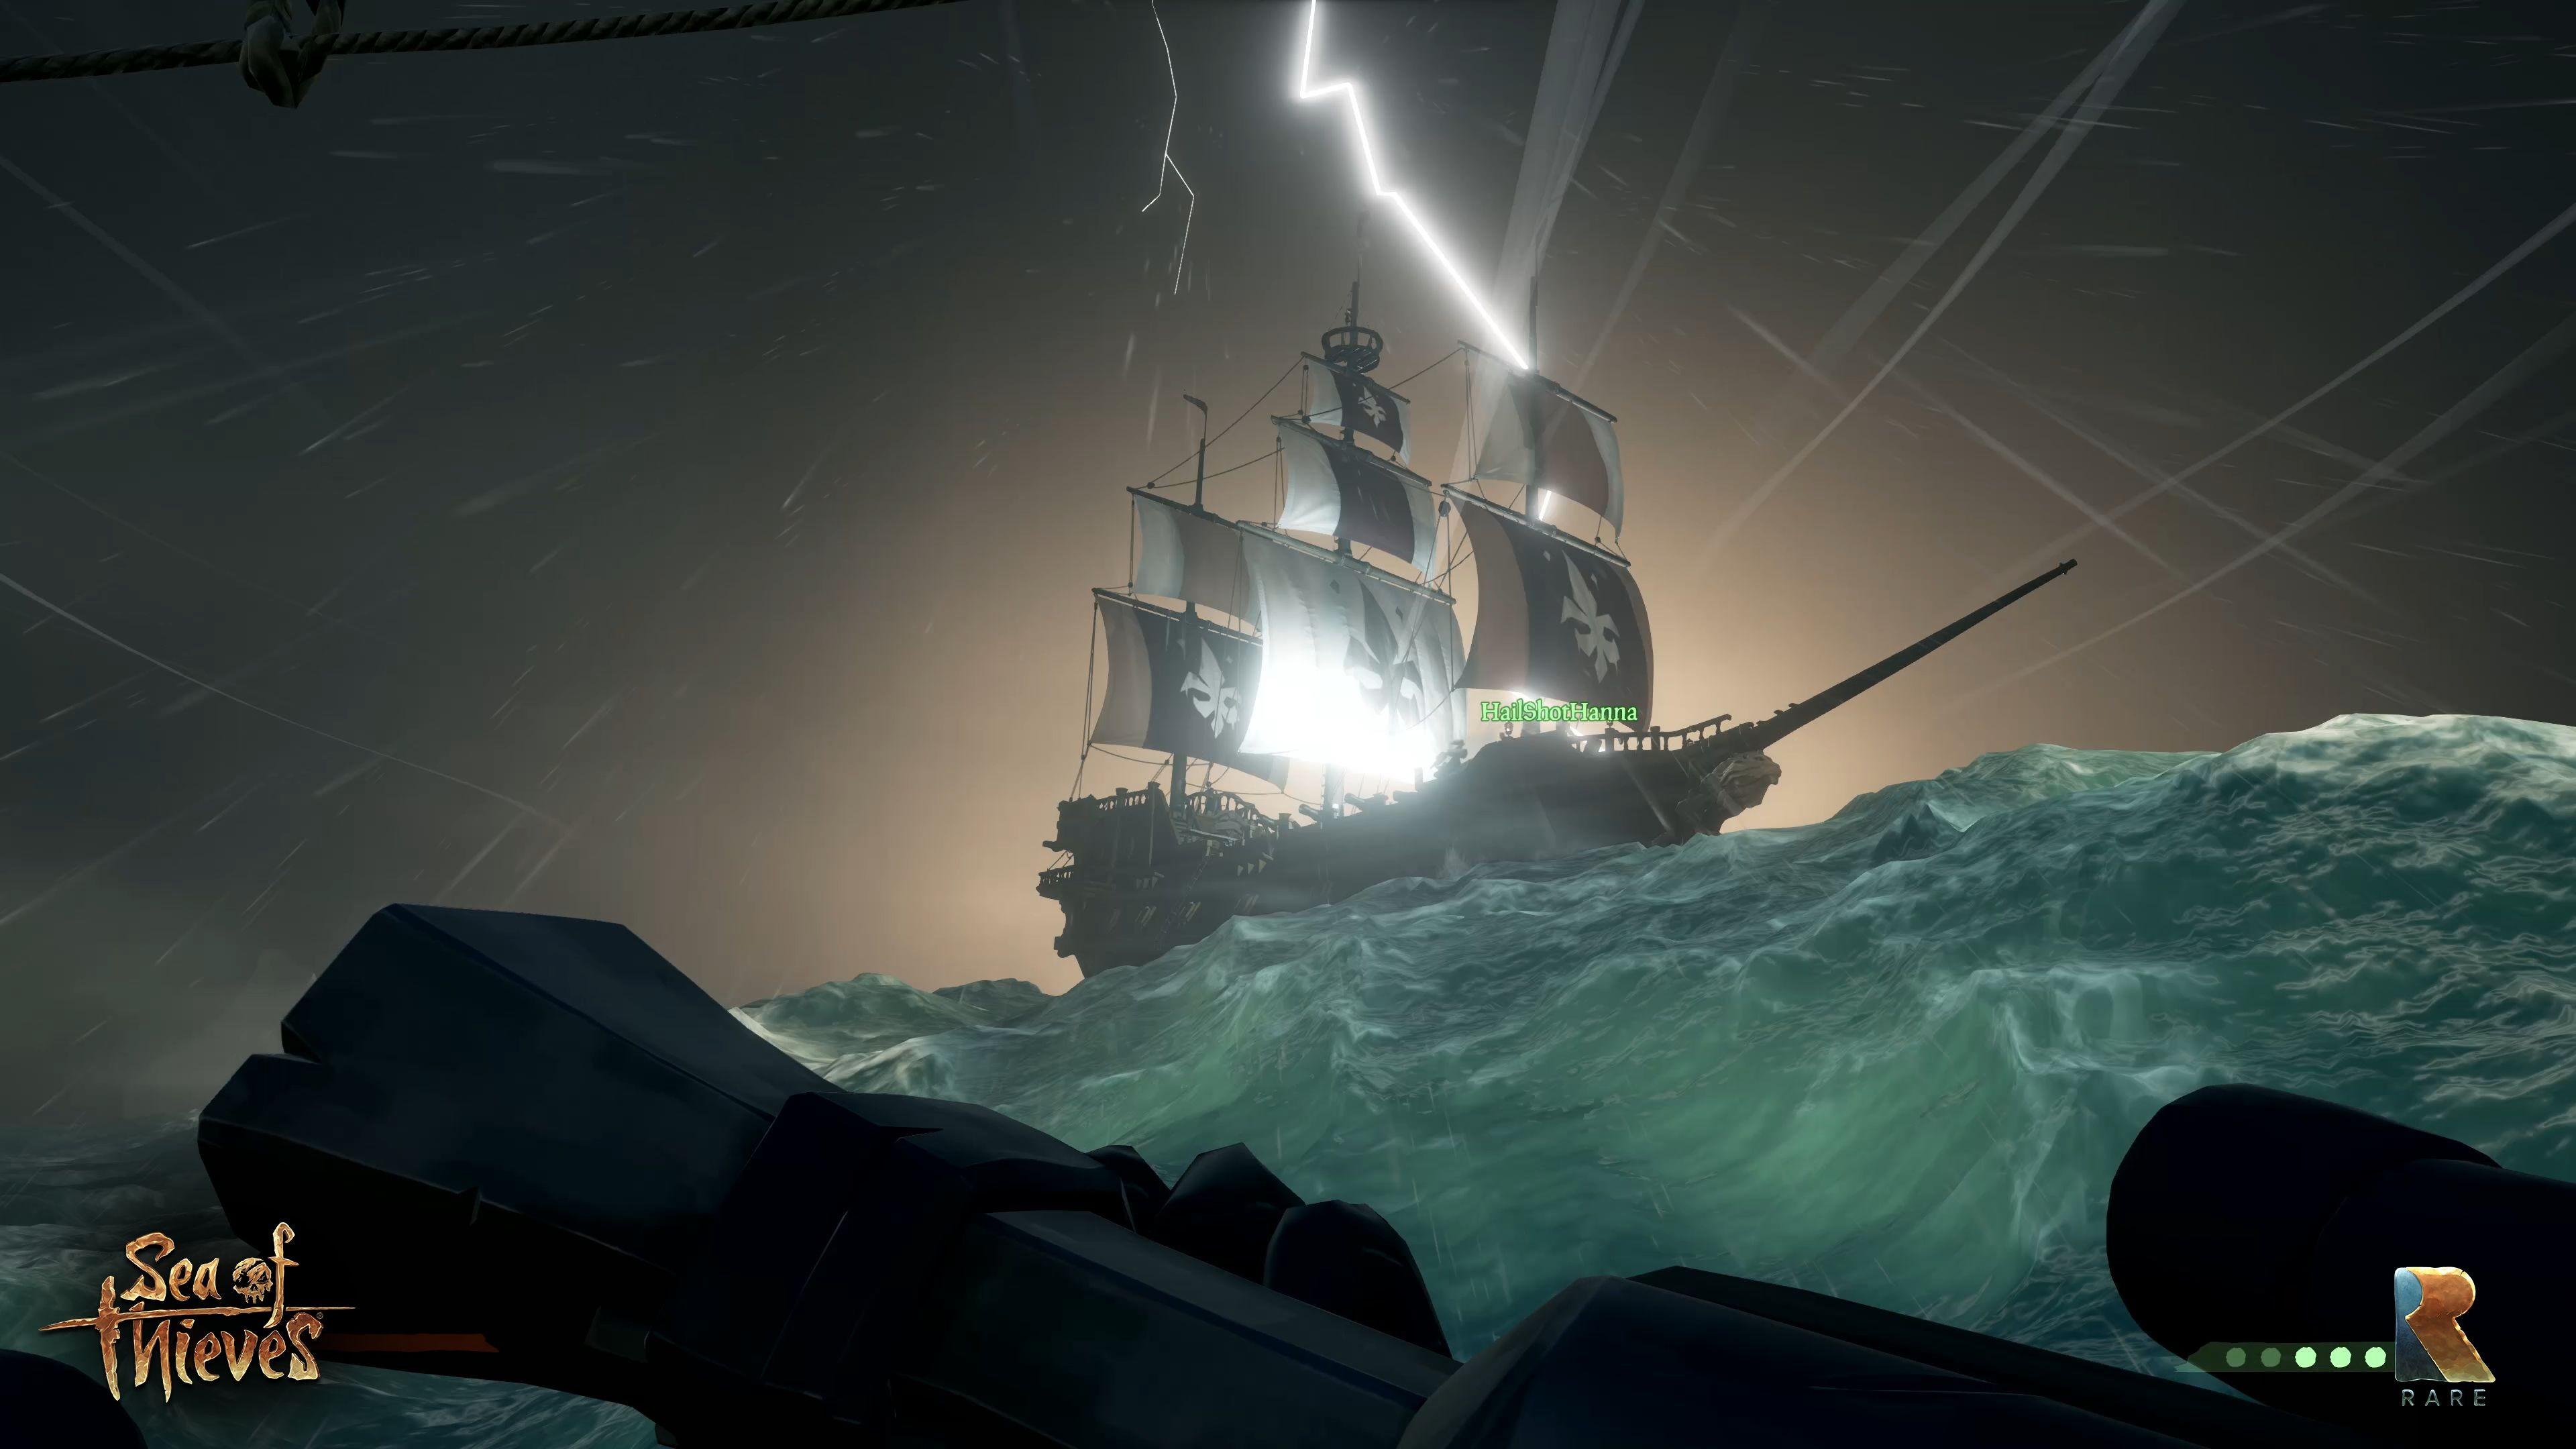 Скриншот 0 - Sea of Thieves+Все DLC+АВТОАКТИВАЦИЯ+СВОЙ НИК+ЛИЦЕНЗИЯ (Region Free)